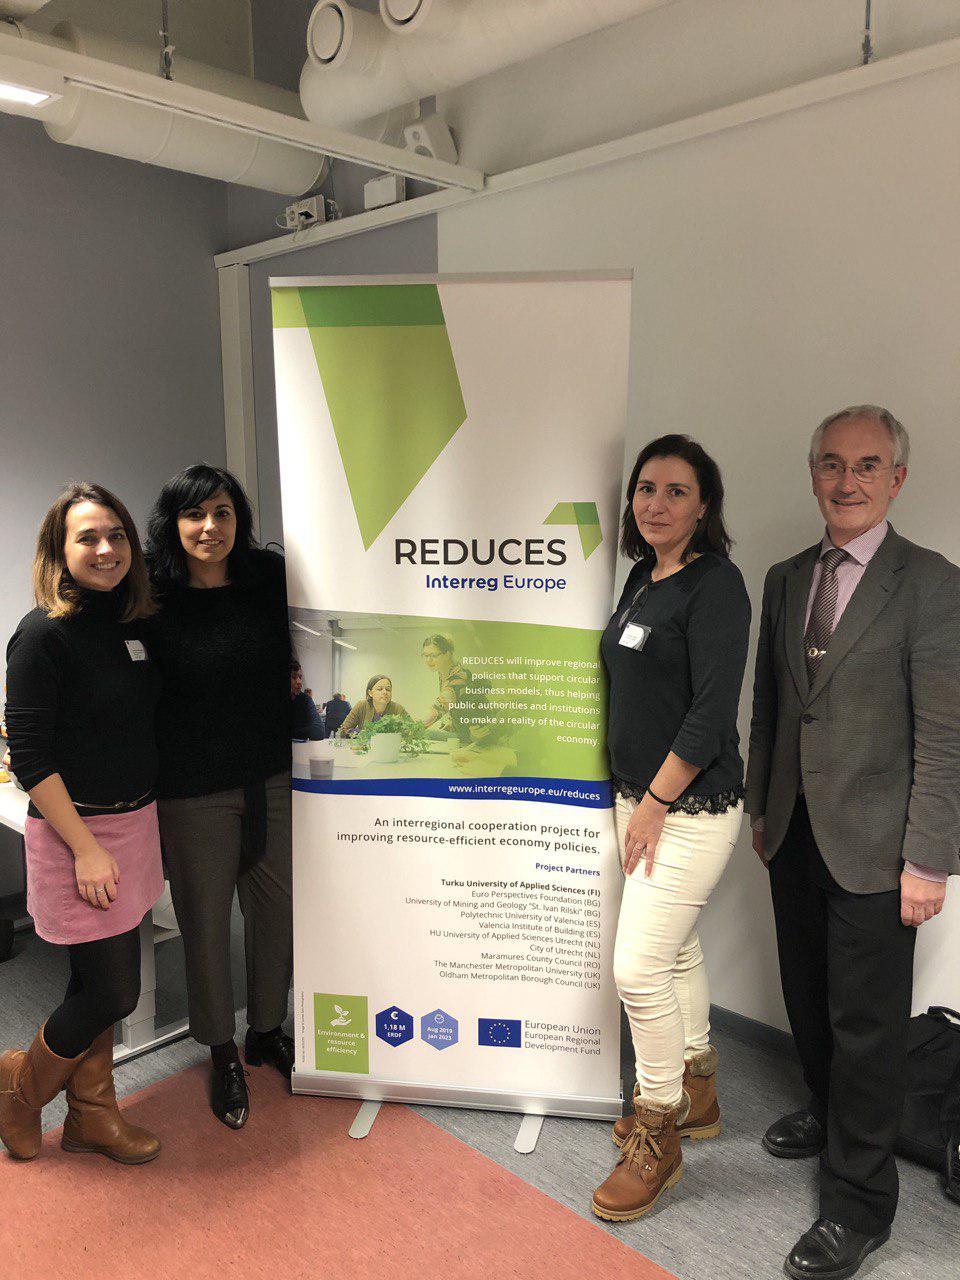 València acoge el próximo encuentro del proyecto Reduces de promoción del desarrollo sostenible